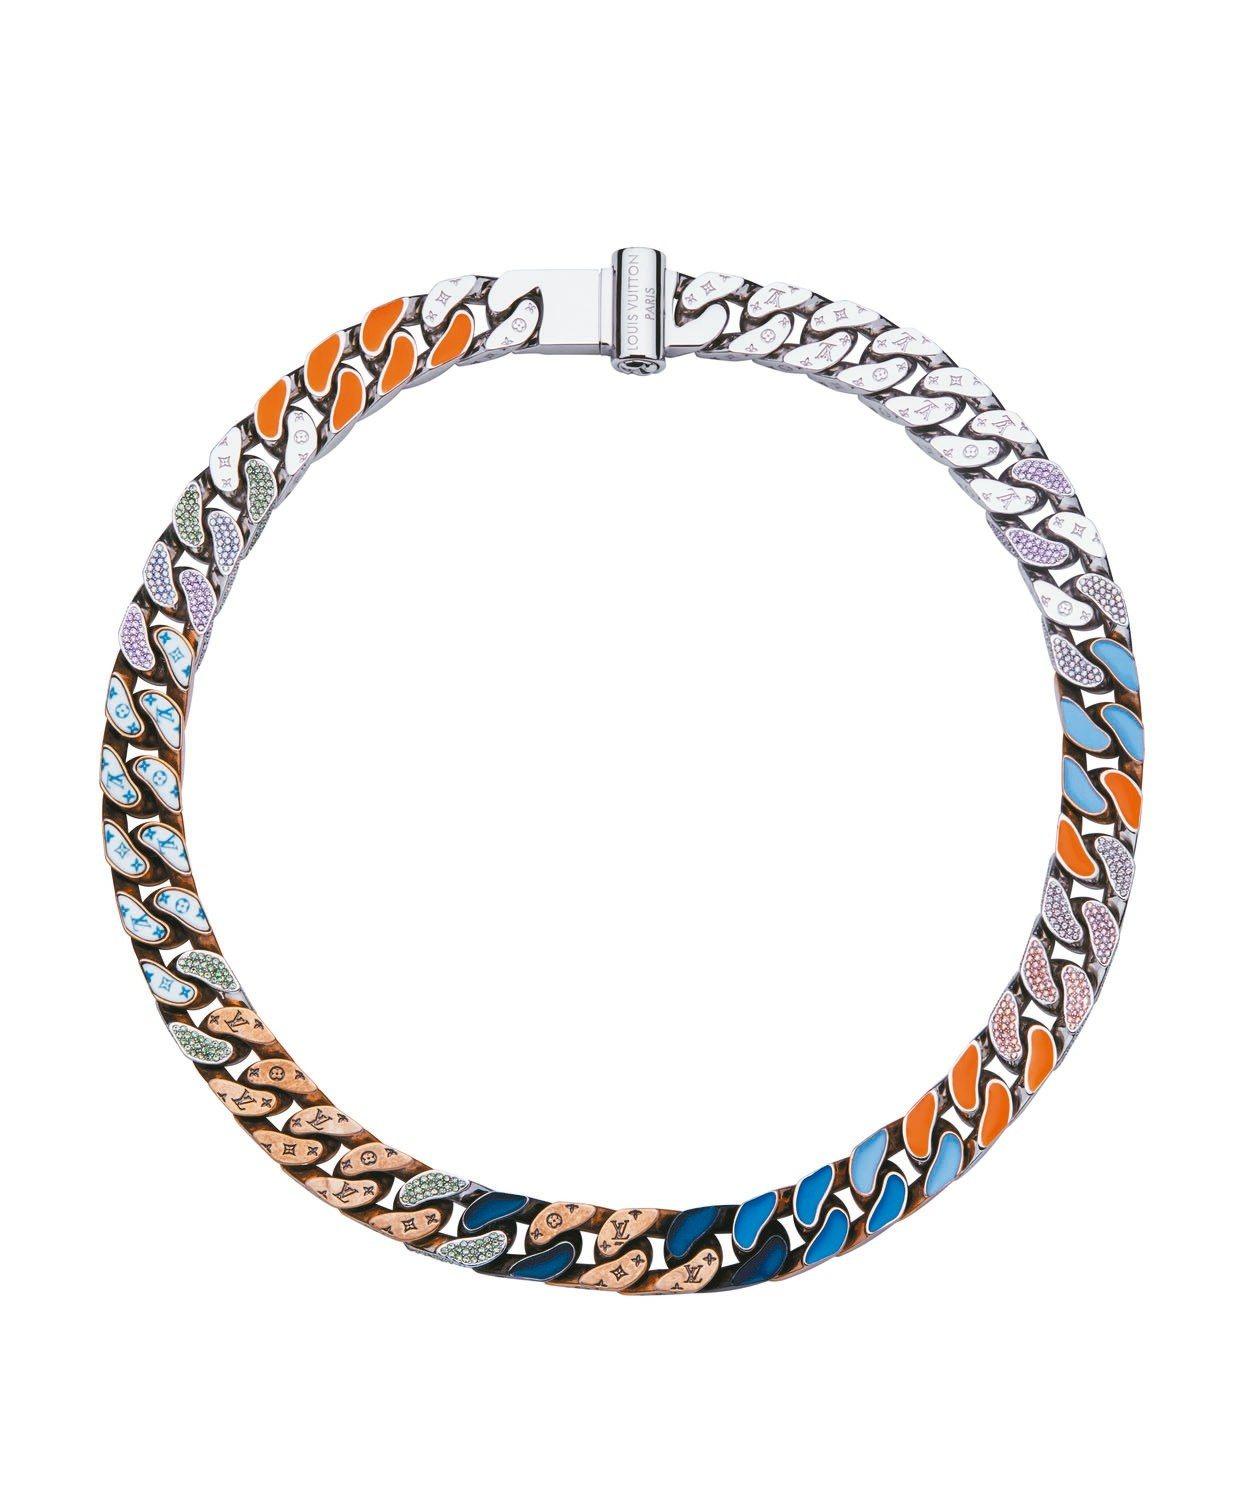 路易威登男裝系列頸鍊,具橘色與藍色調的瓷釉、黃銅搭配仿舊的黃金色澤,約12萬3,...